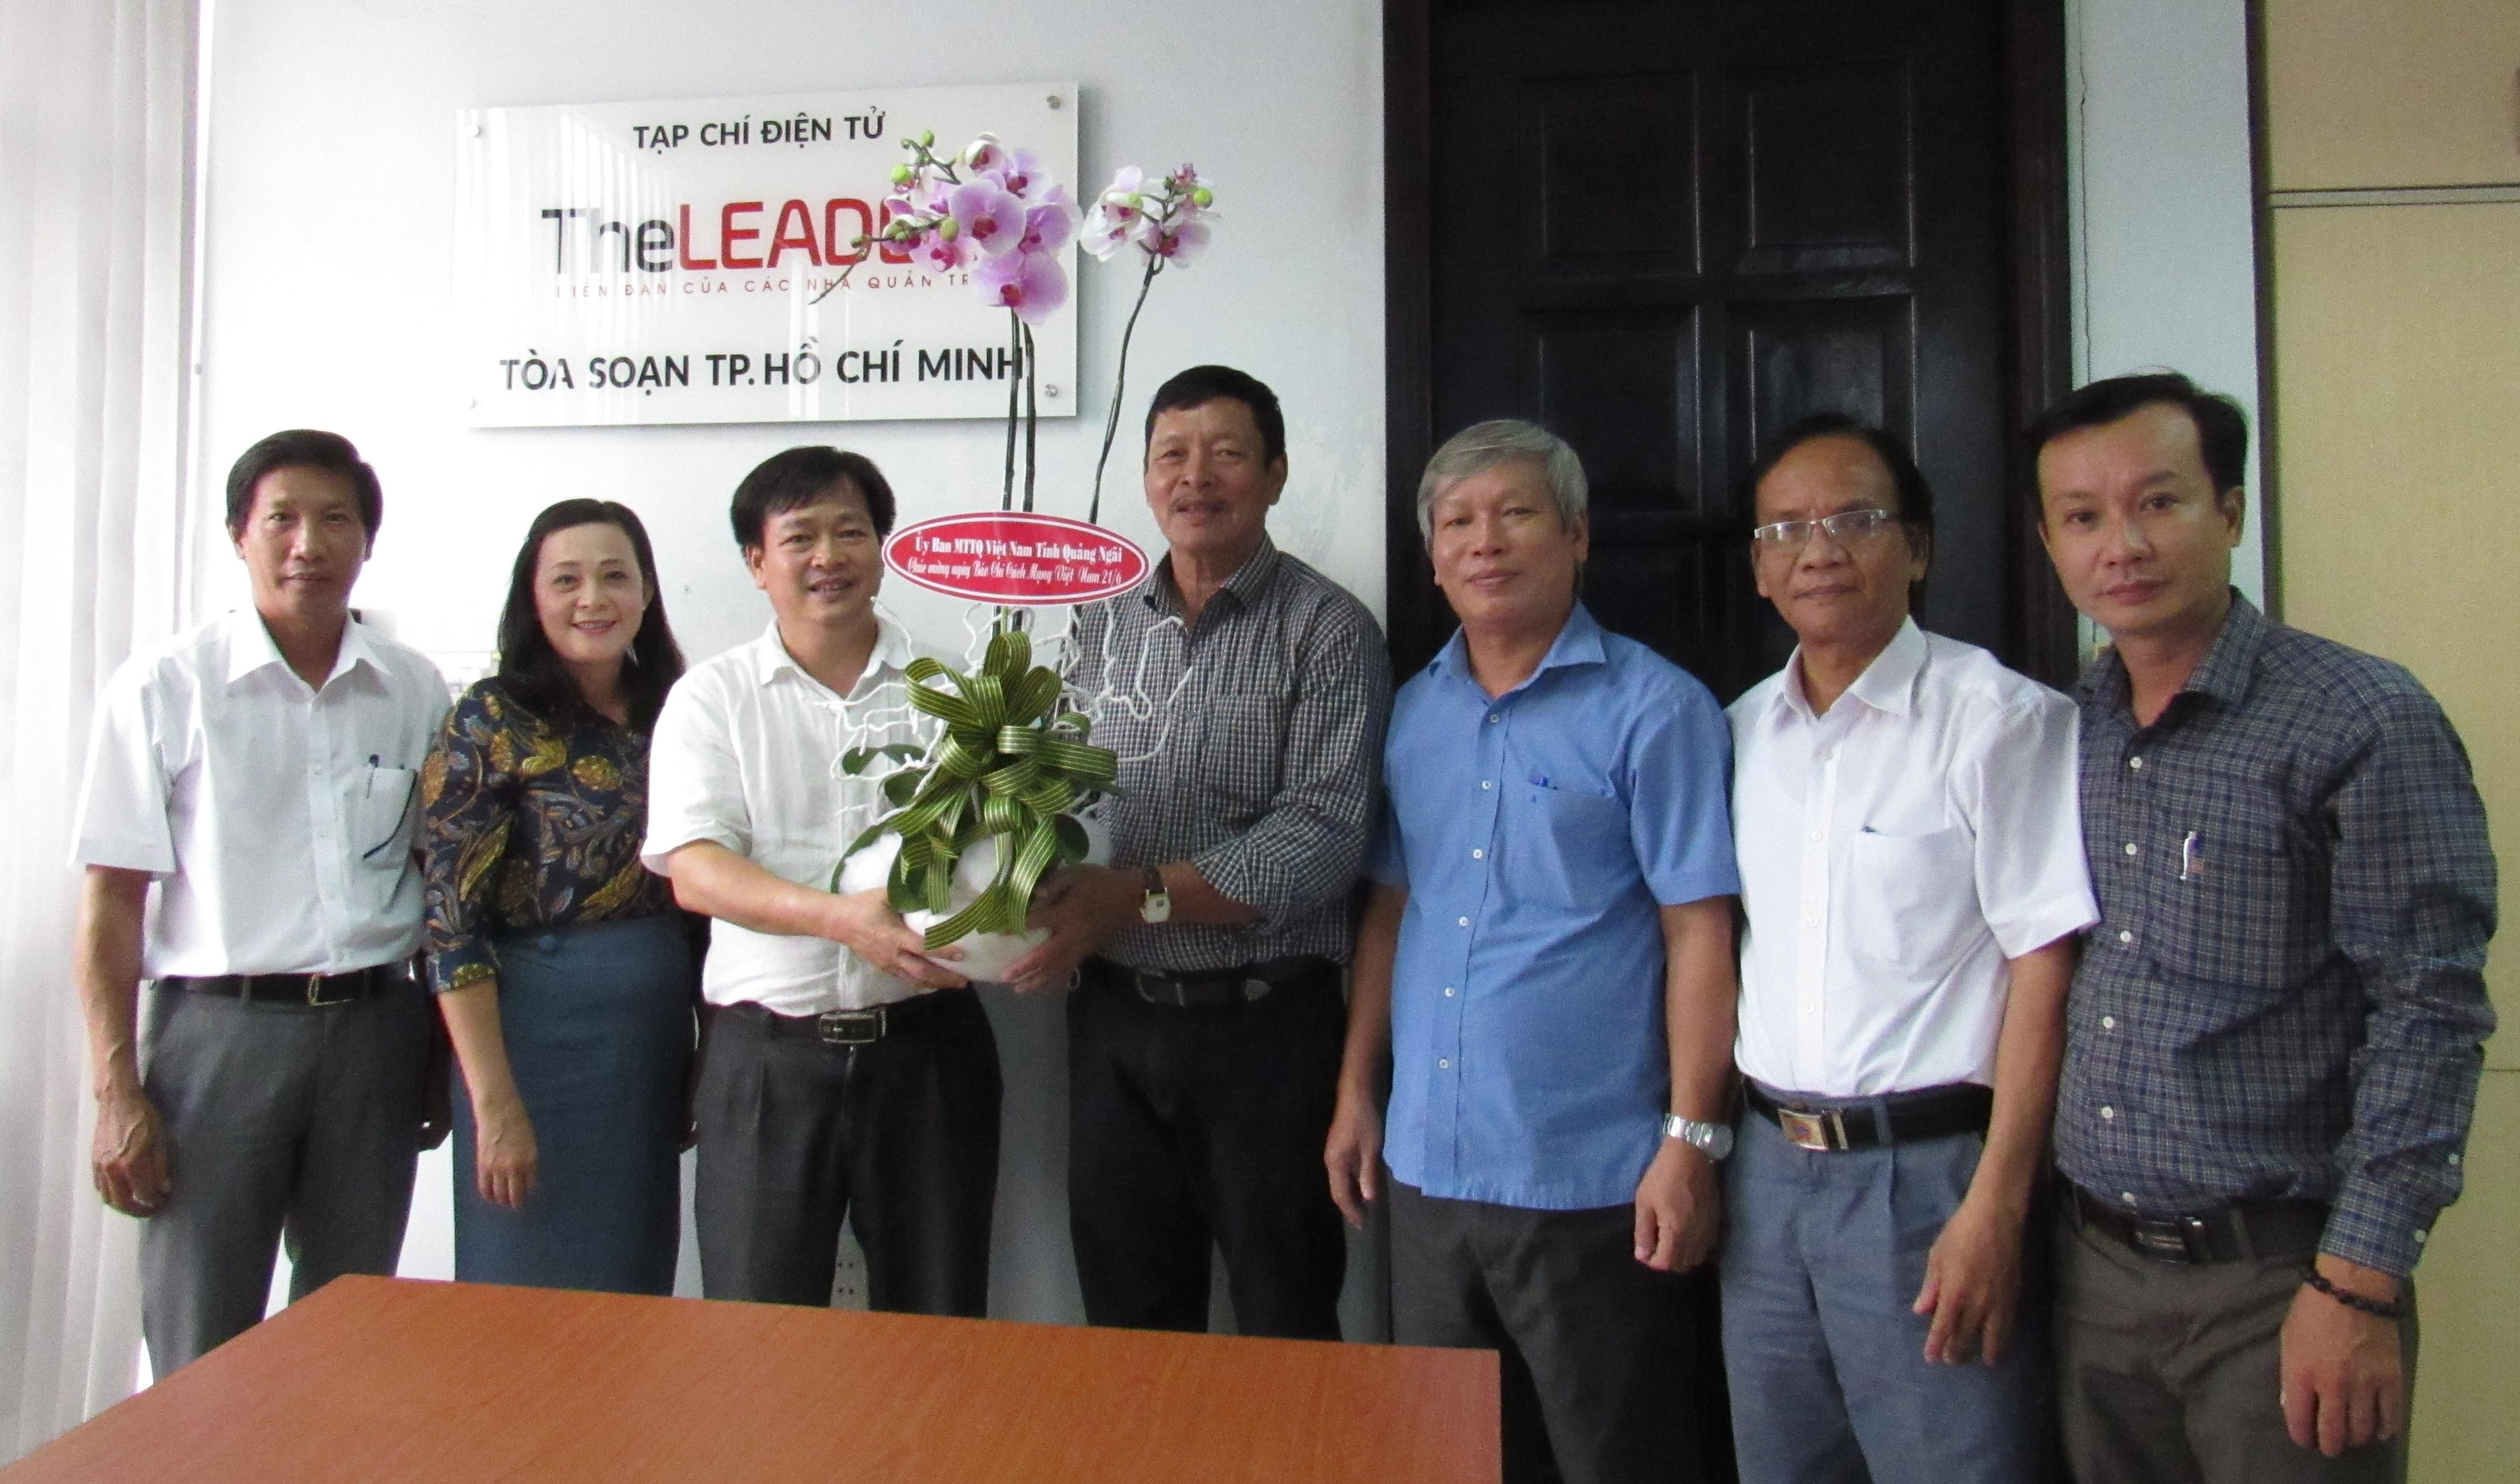 Ông Nguyễn Cao Phúc, Trưởng đoàn tặng hoa cho Nhà báo Quốc Vĩnh.